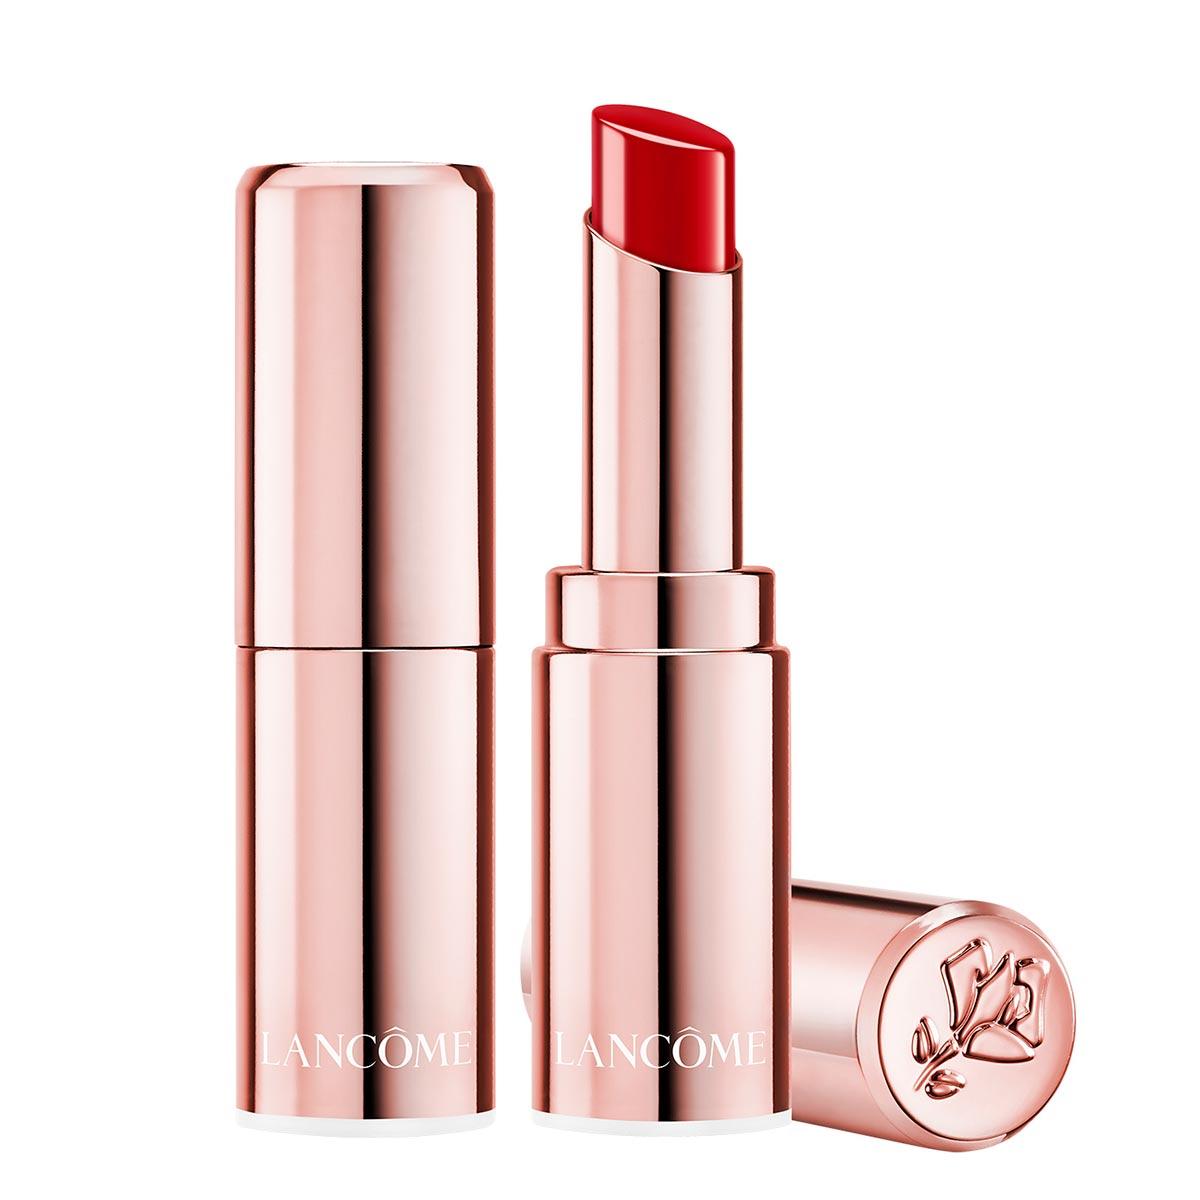 L'Absolu Mademoiselle Shine - Rouge à lèvres - Lancôme